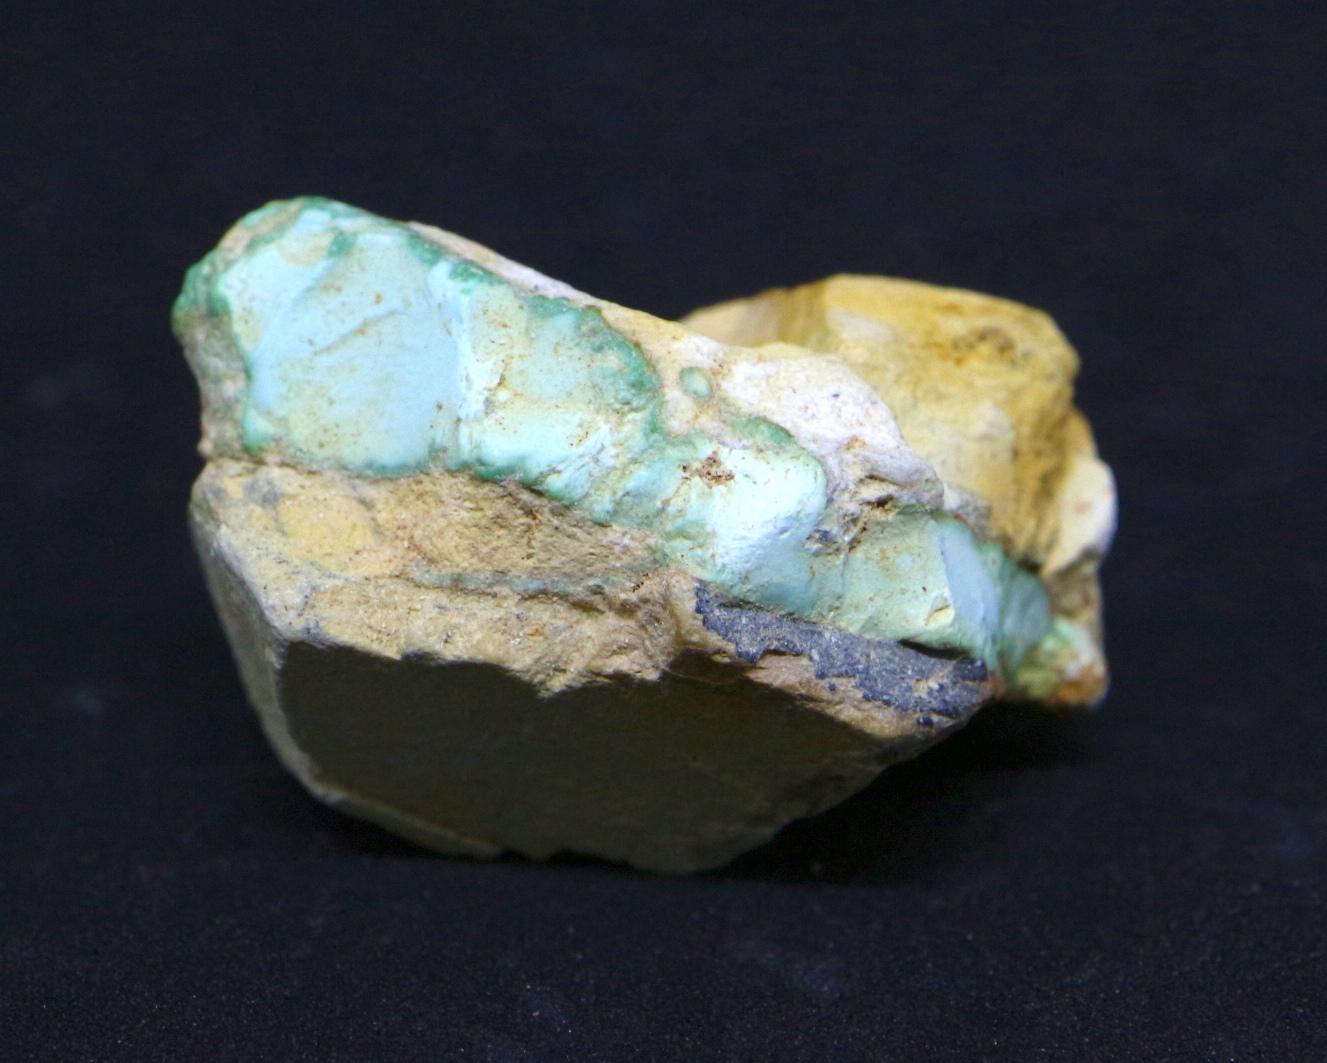 ロイストーンターコイズ Turquoise トルコ石 ネバタ州産 原石 9,8g TQ096